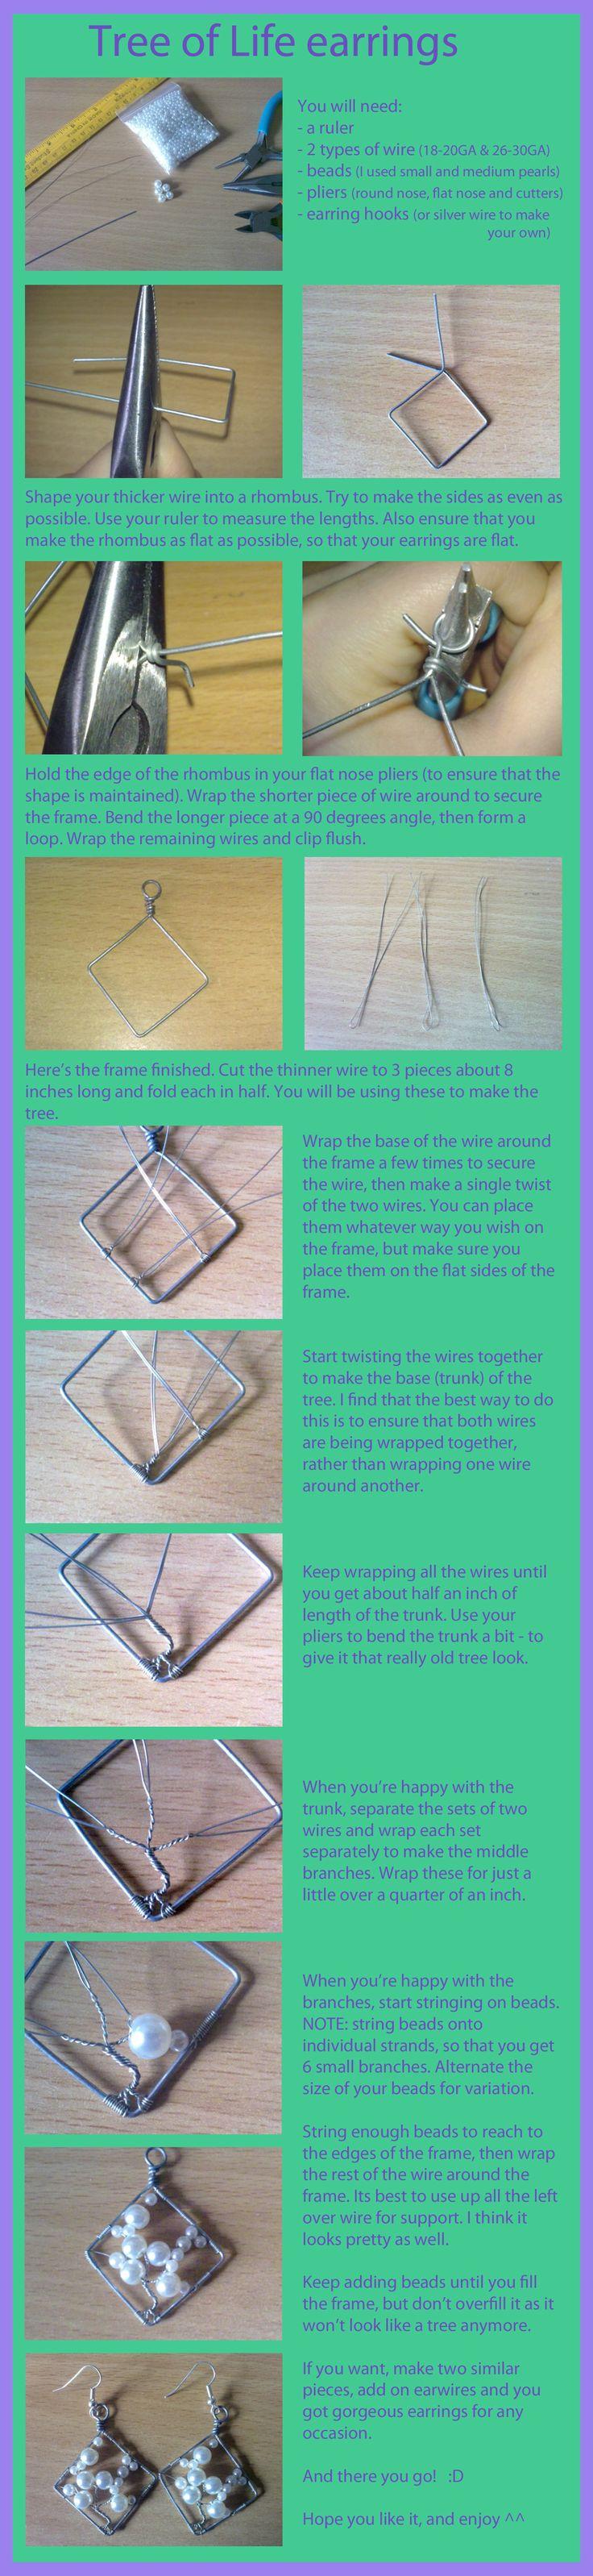 Tree of life tutorial by Pandannabelle.deviantart.com on @deviantART